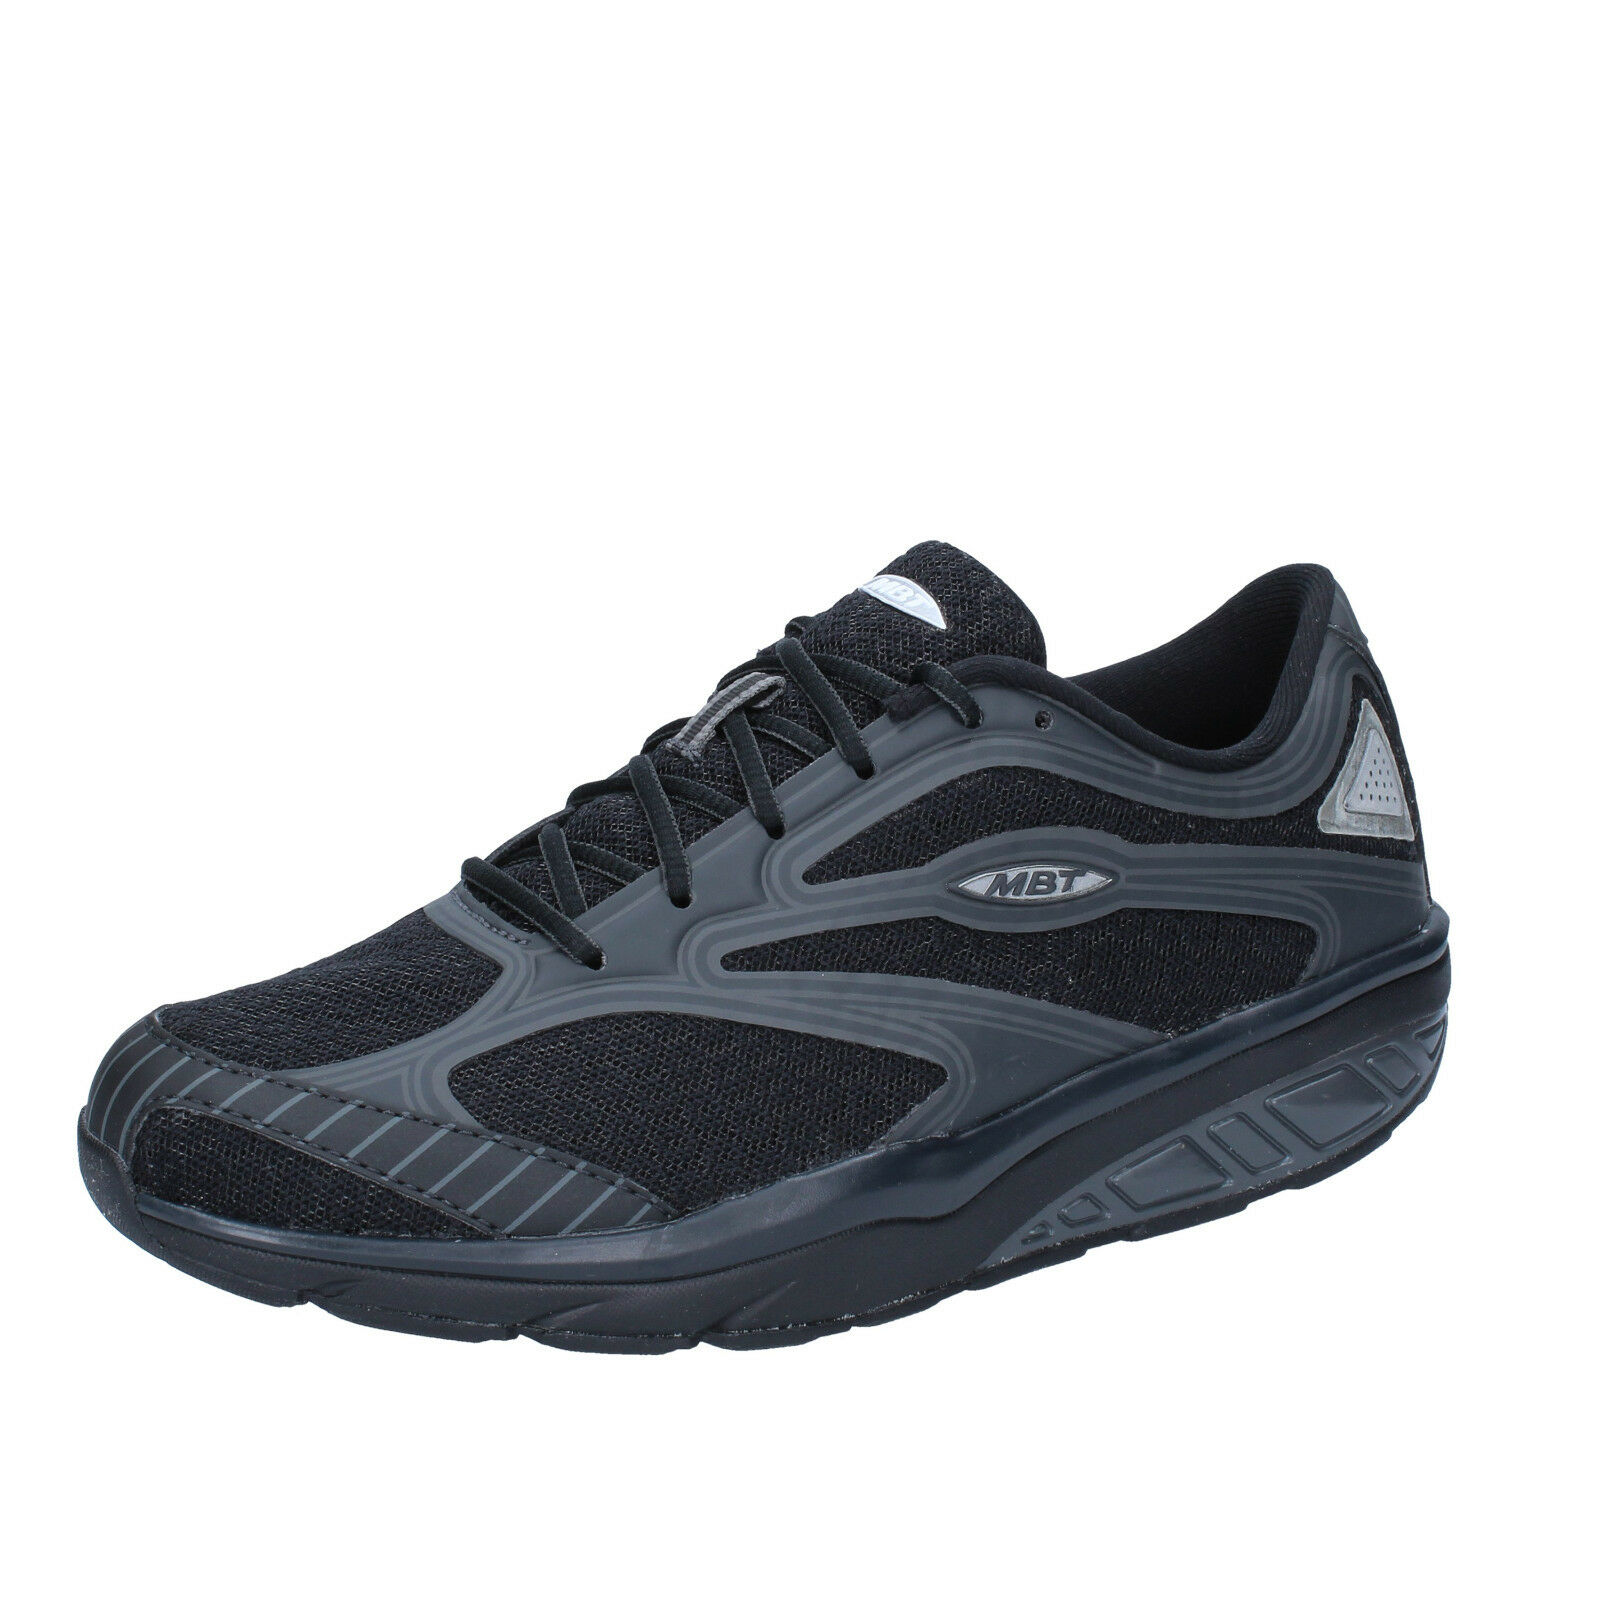 Womens shoes MBT 4 (EU 37) sneakers black textile textile textile AB939-37 ef85be